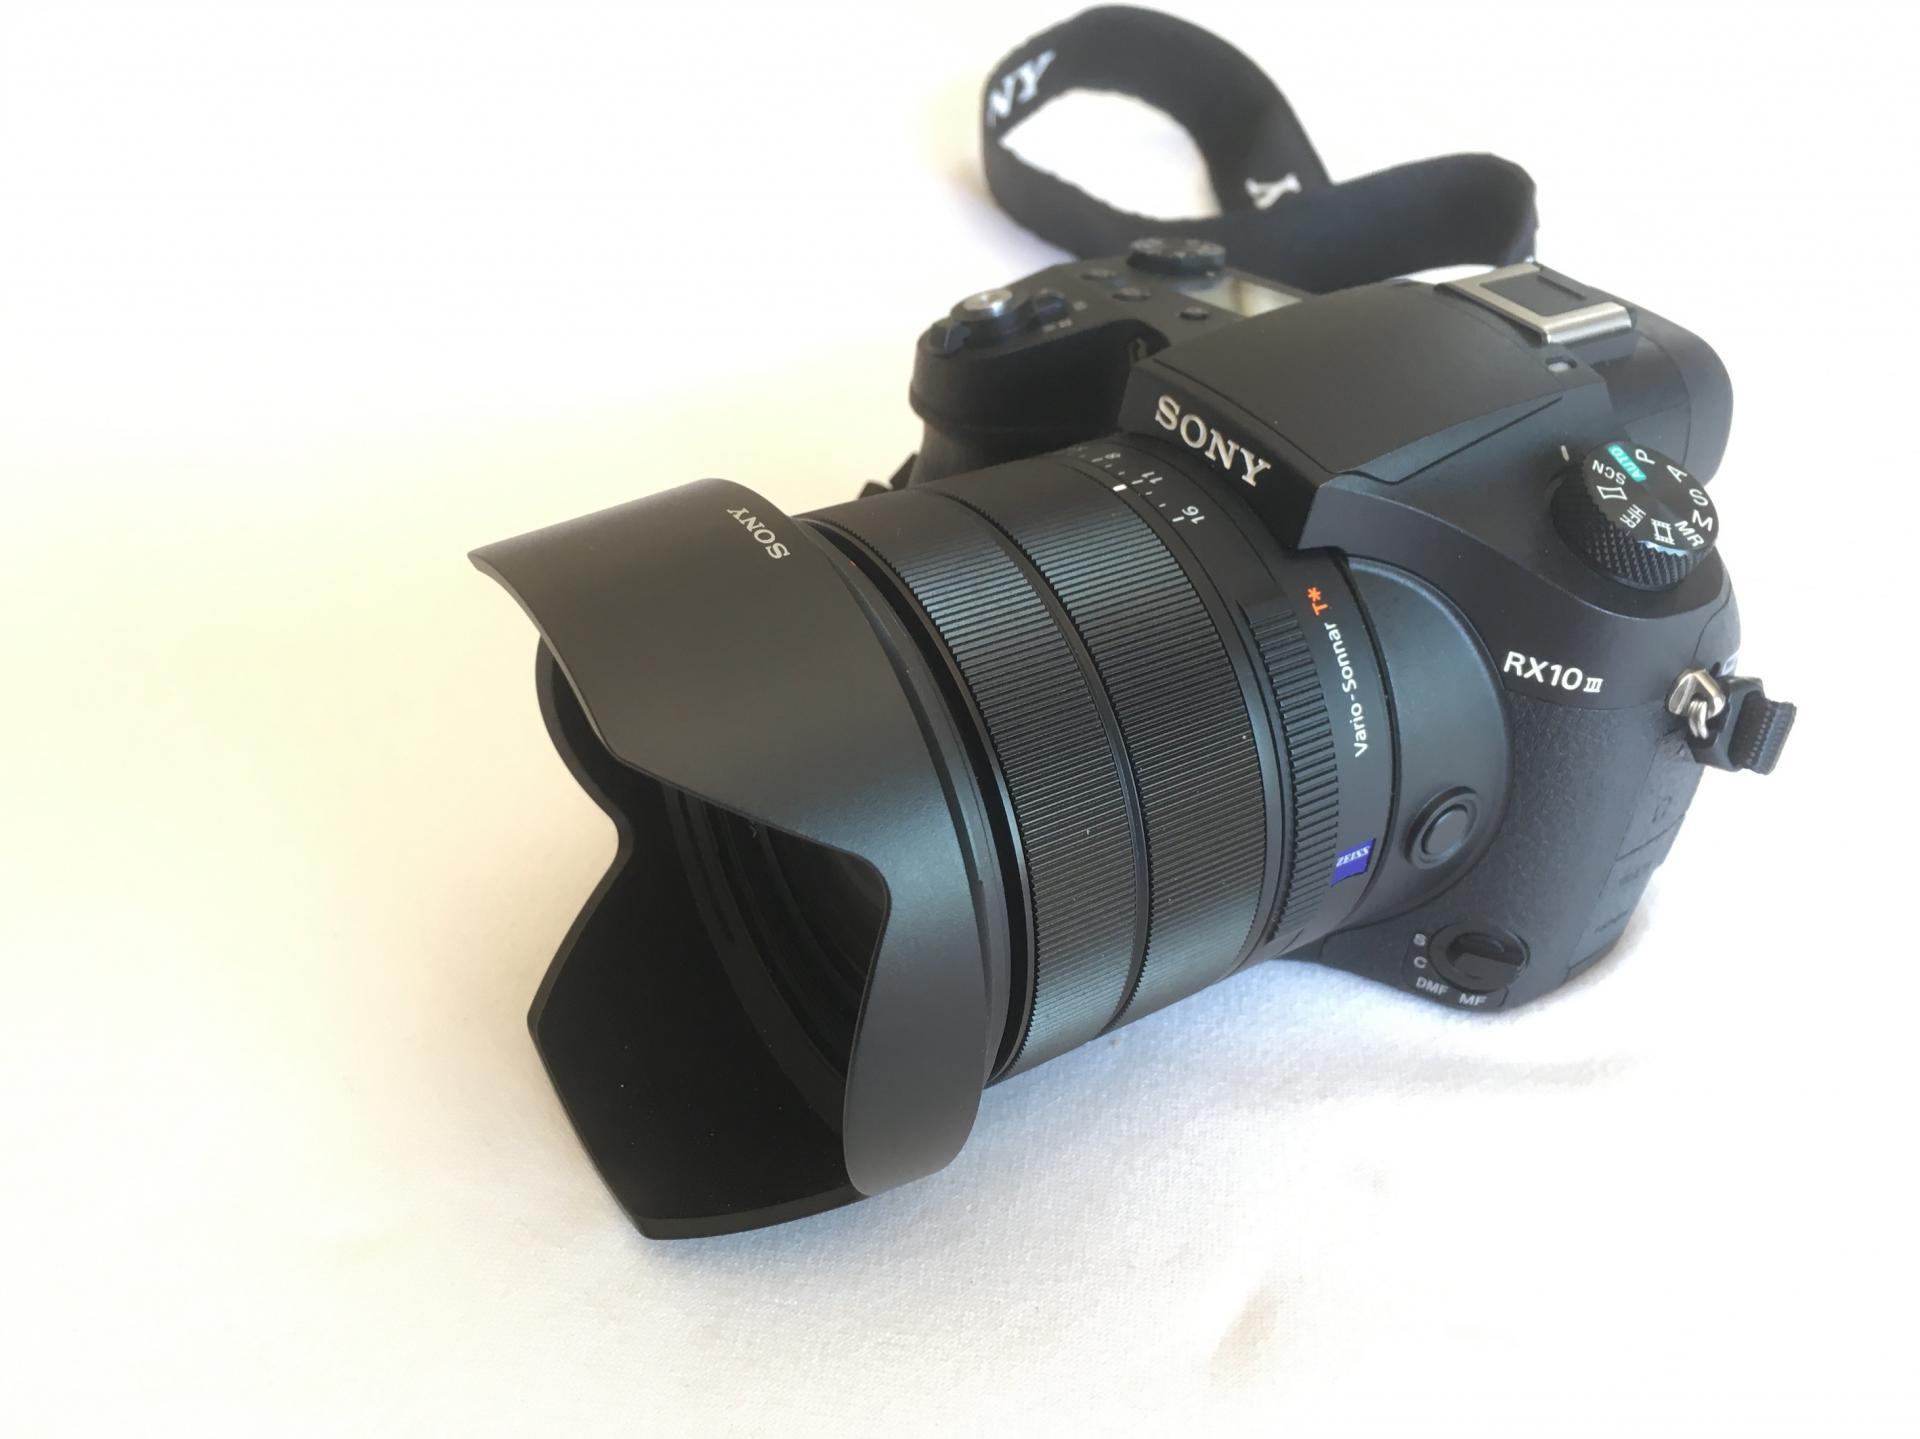 Sony rx10 1